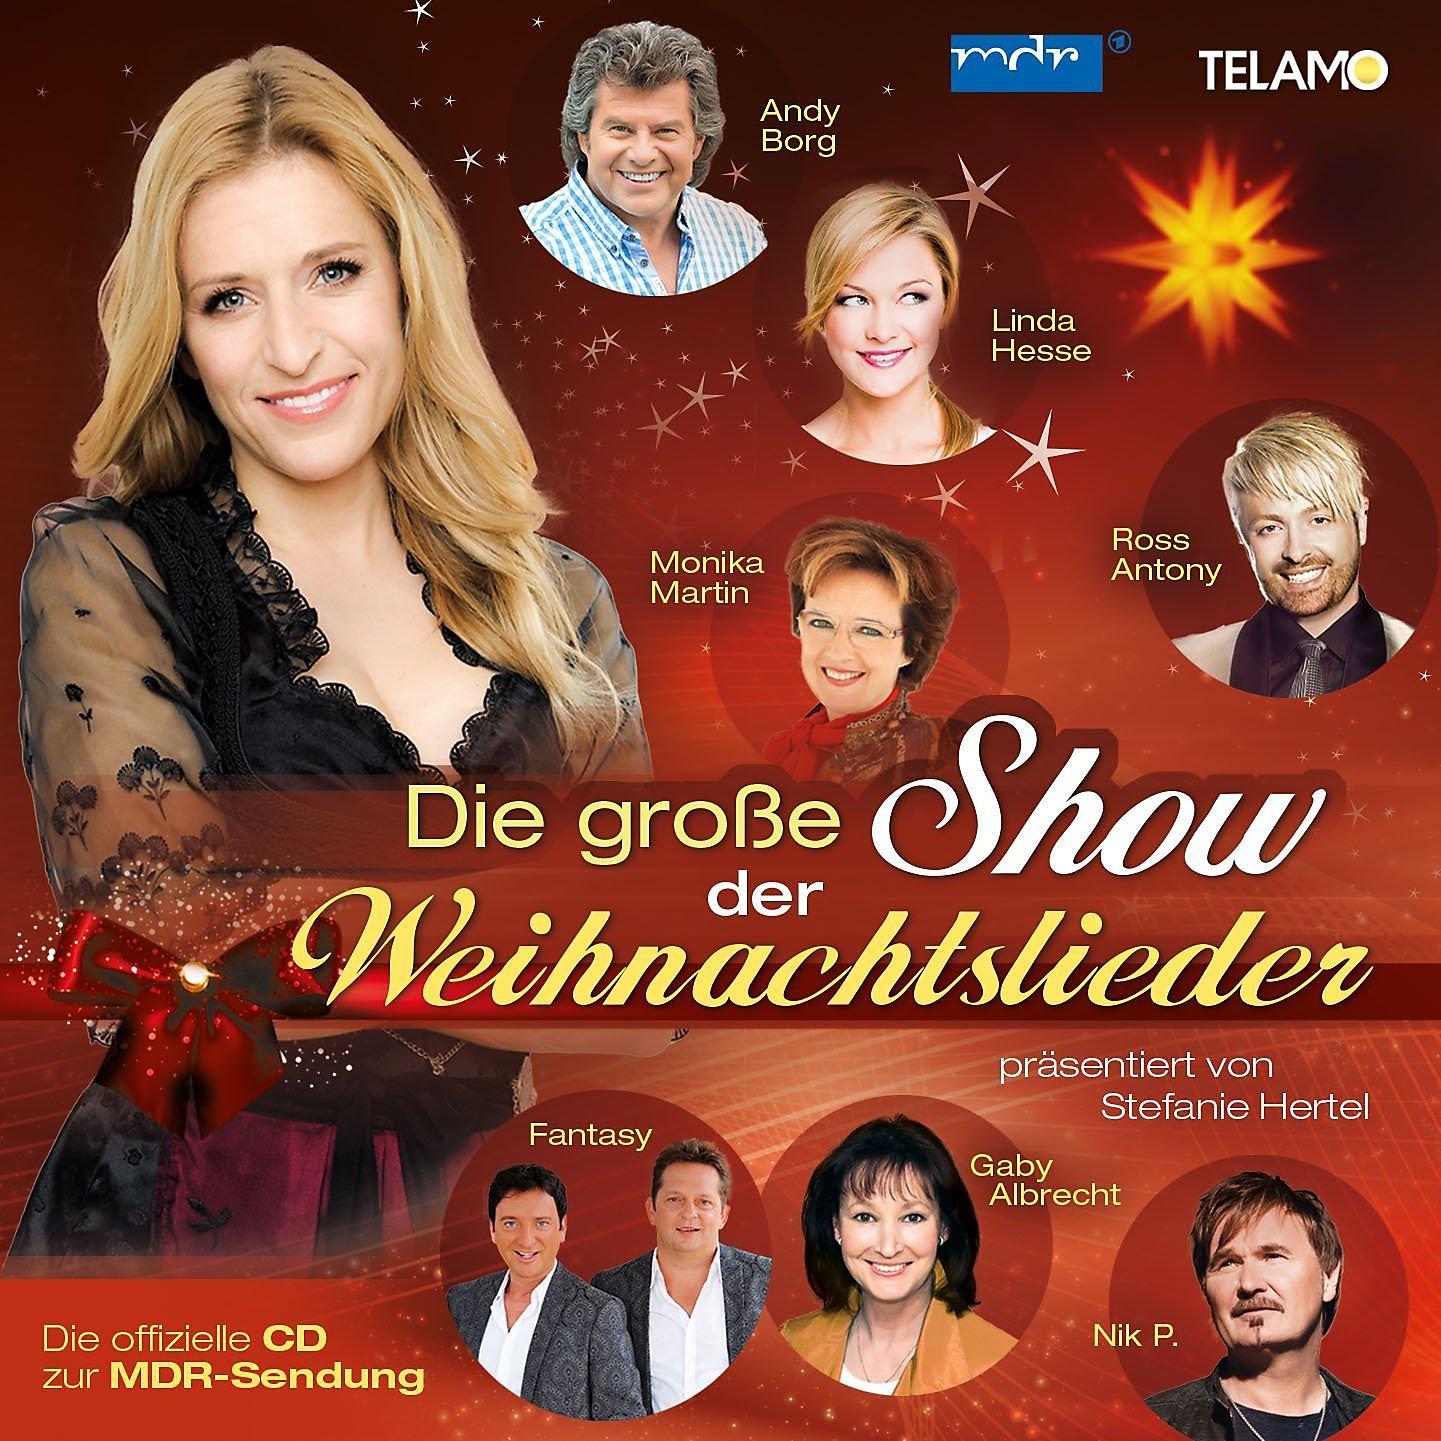 präsentiert: Die große Show der Weihnachtslieder CD | Weltbild.de